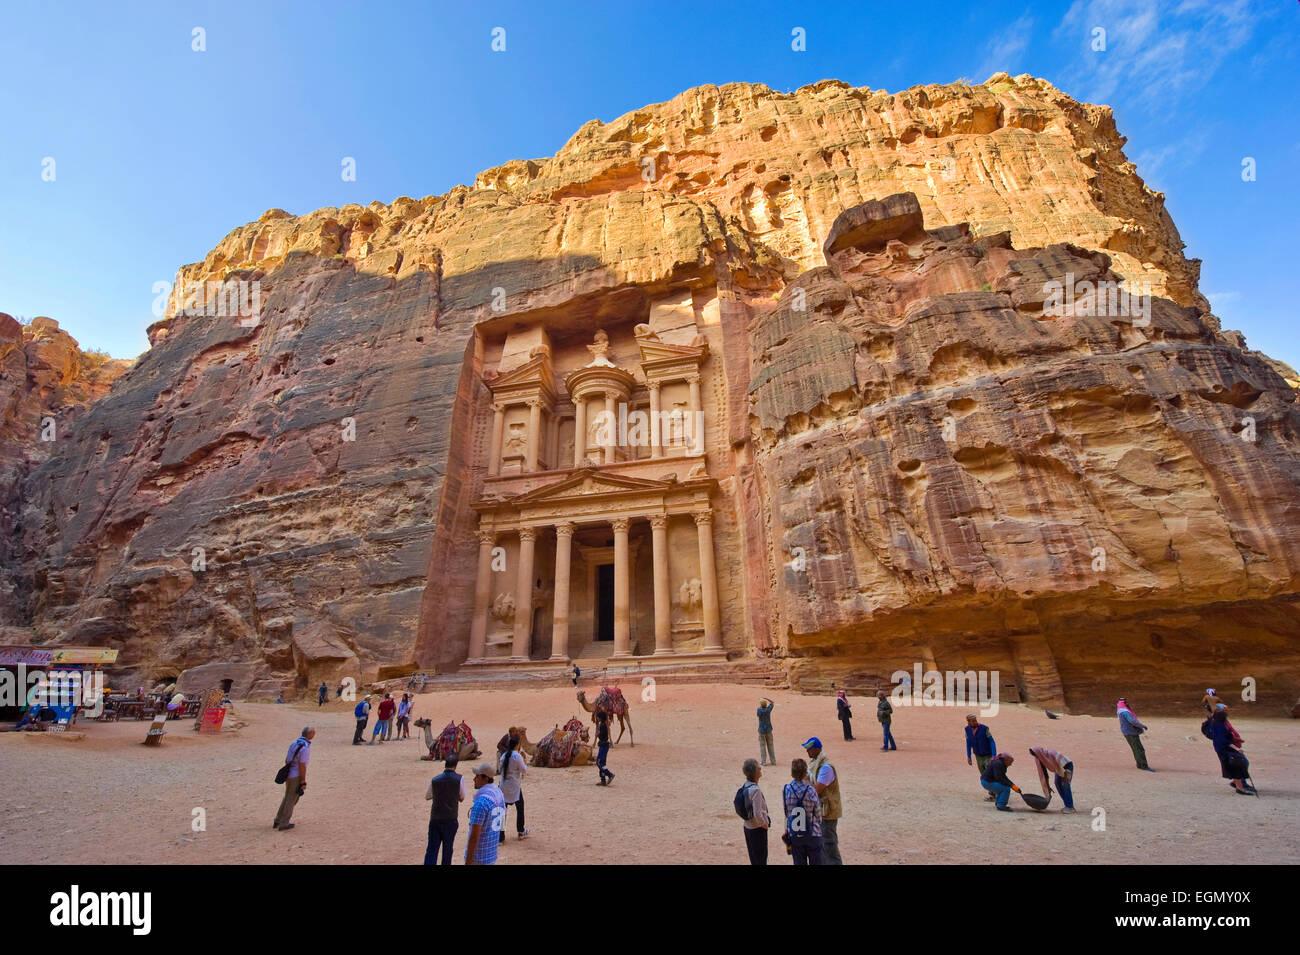 El tesoro también se llama al Khazna, es la más famosa y magnífica fachada en Petra Jordania Imagen De Stock